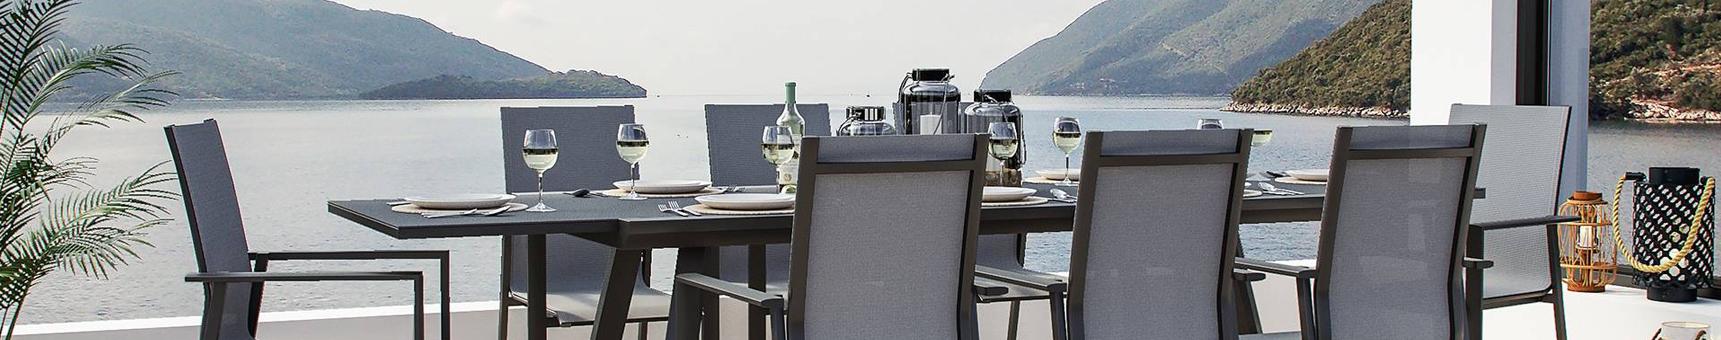 Rozkładane zestawy stołowe